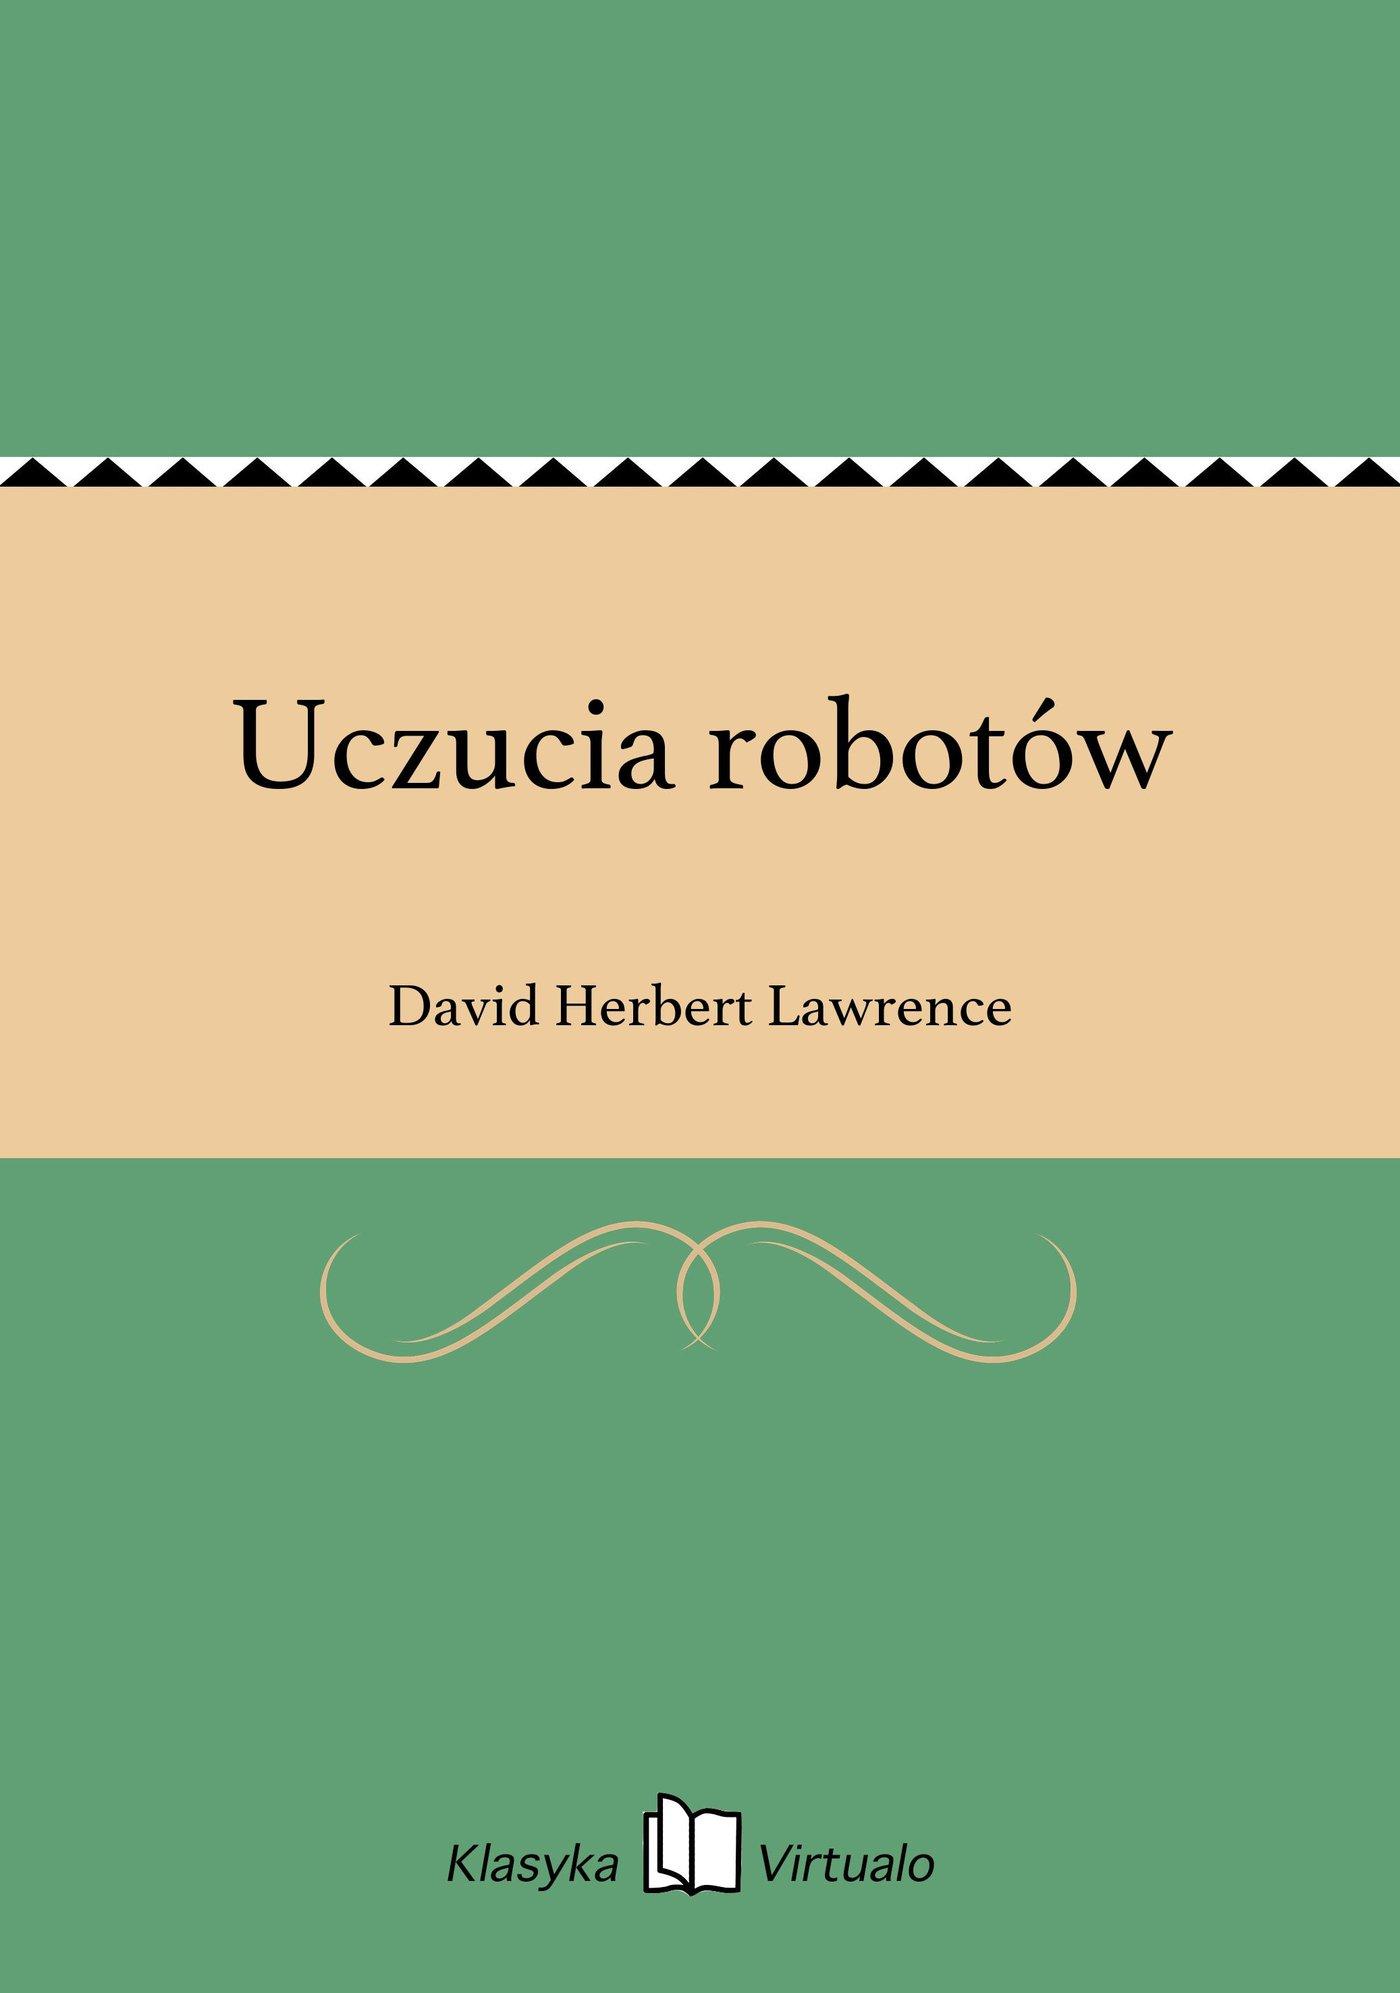 Uczucia robotów - Ebook (Książka na Kindle) do pobrania w formacie MOBI